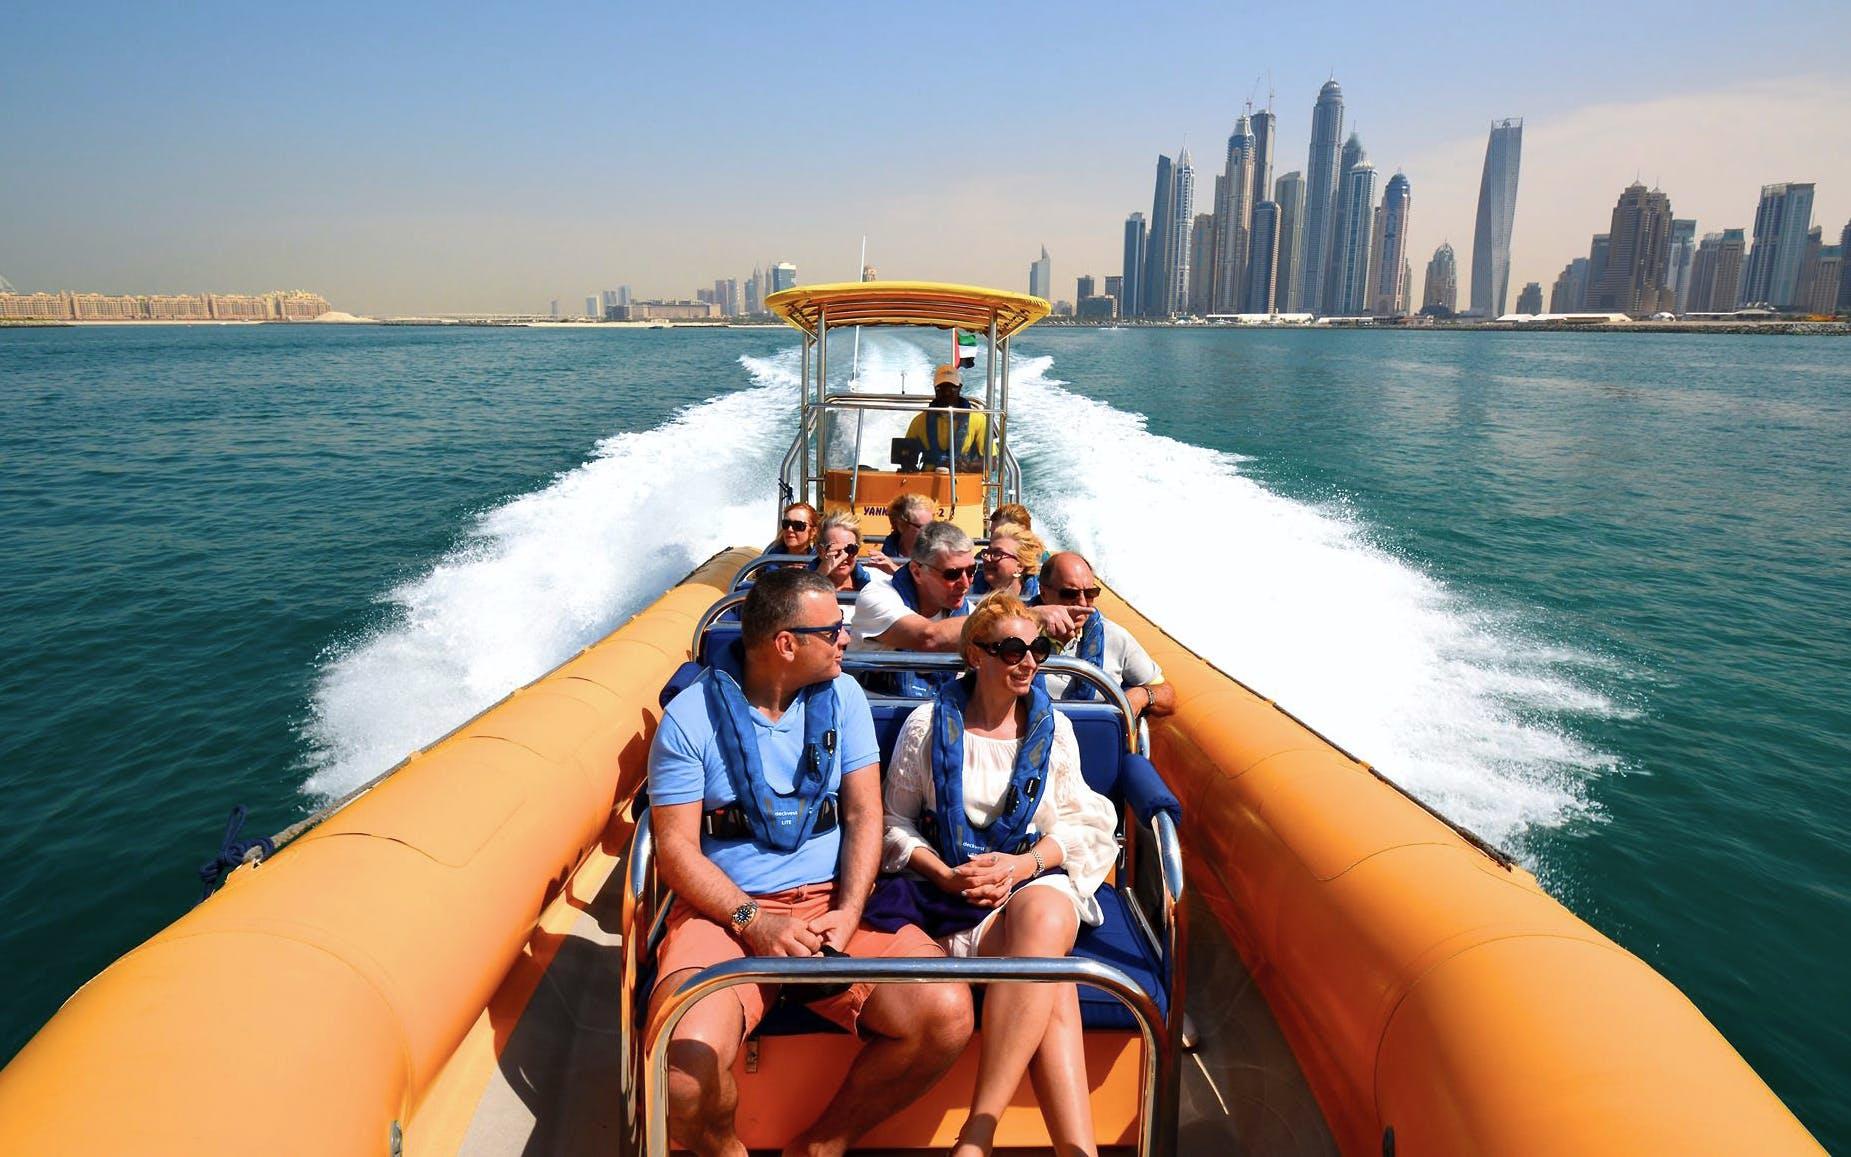 beaches-in-dubai-palm-jumeirah-burj-al-arab-boat-tour